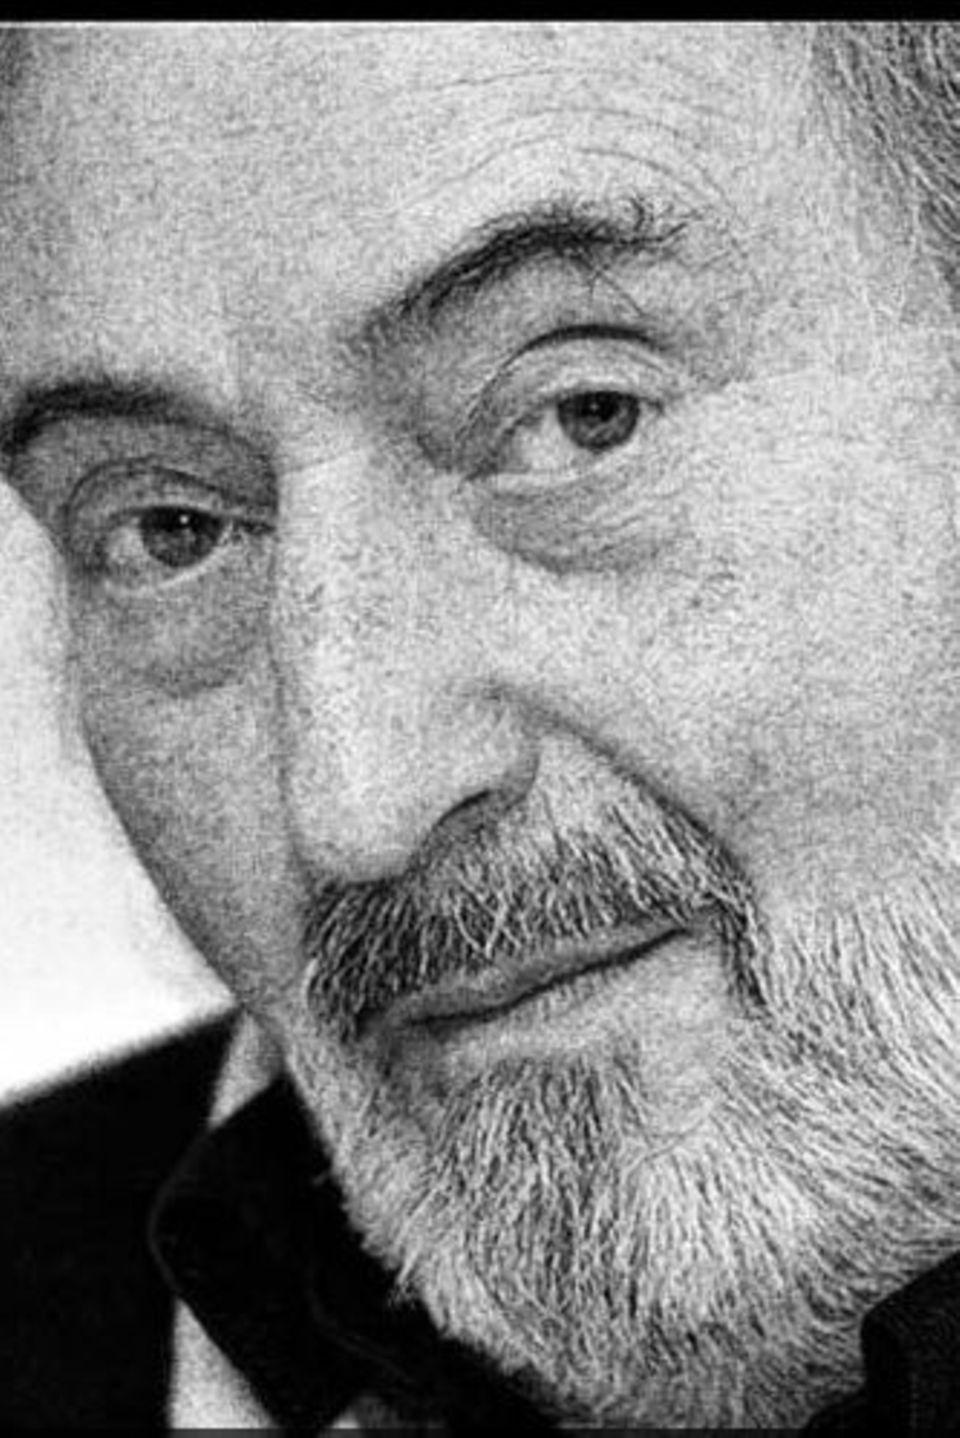 Jan Josef Liefers zu Helmut Dietls Tod